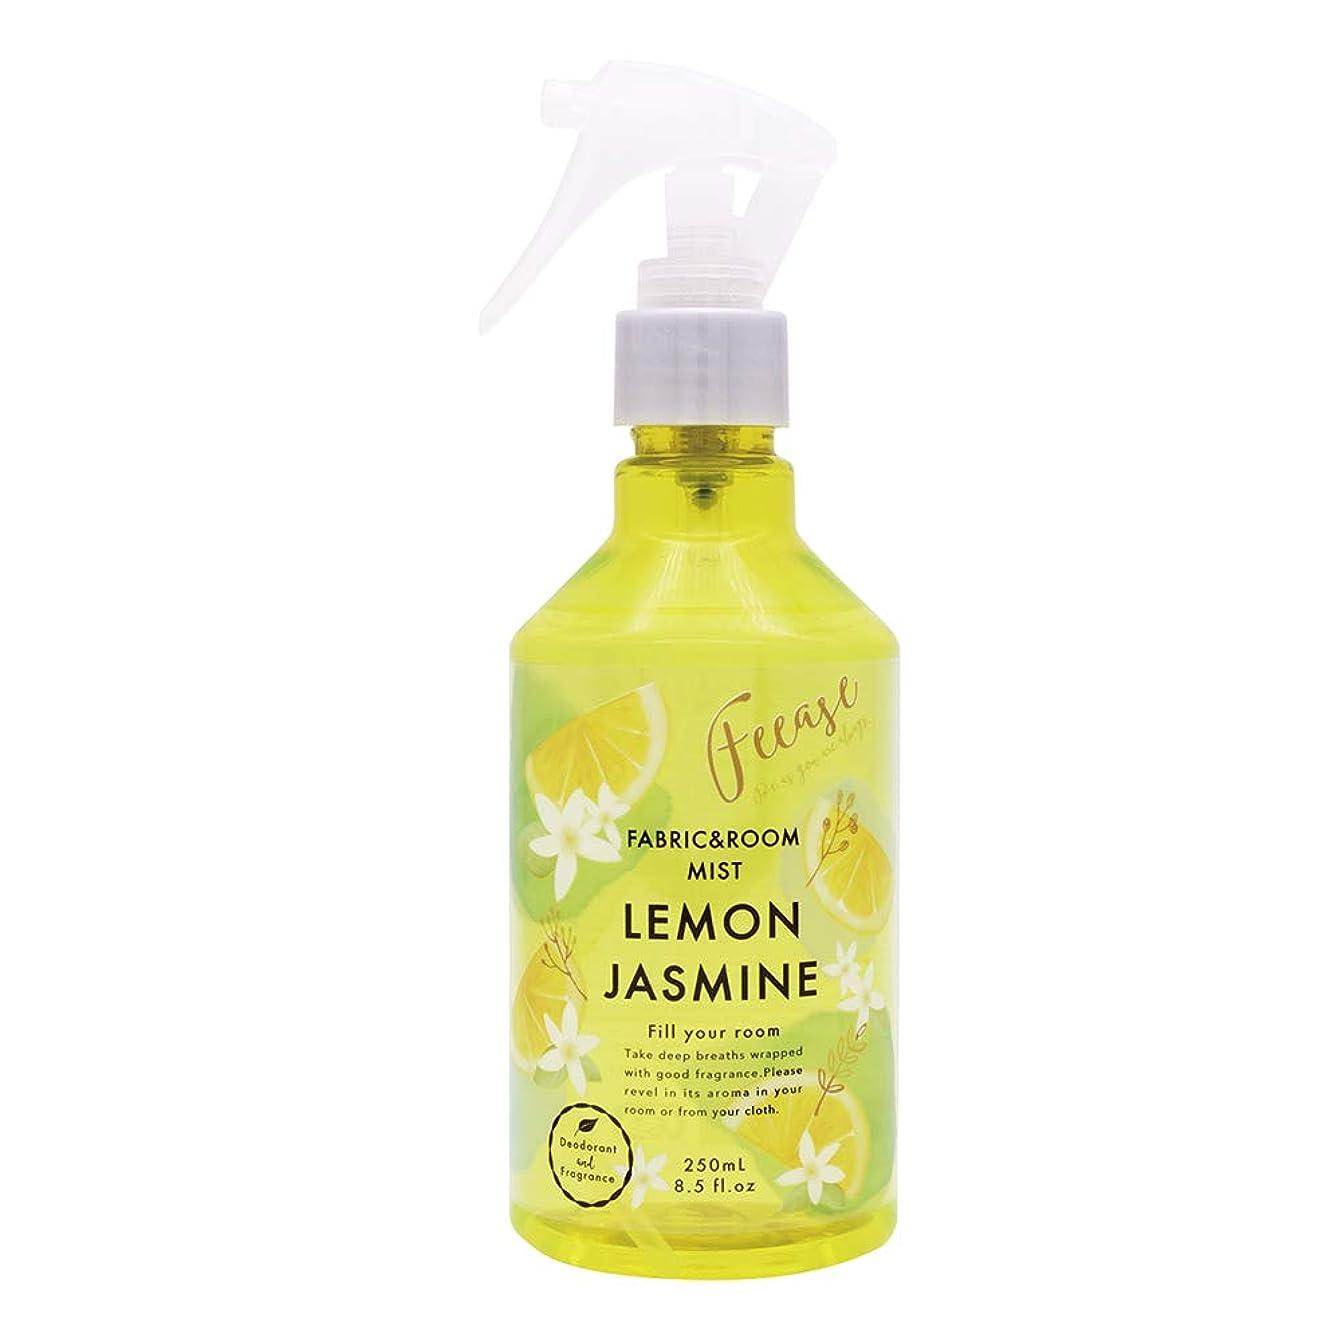 サラダ海外プリーツノルコーポレーション ルーム&ファブリックミスト フィース 消臭成分配合 レモンジャスミンの香り 250ml OA-FEE-1-3